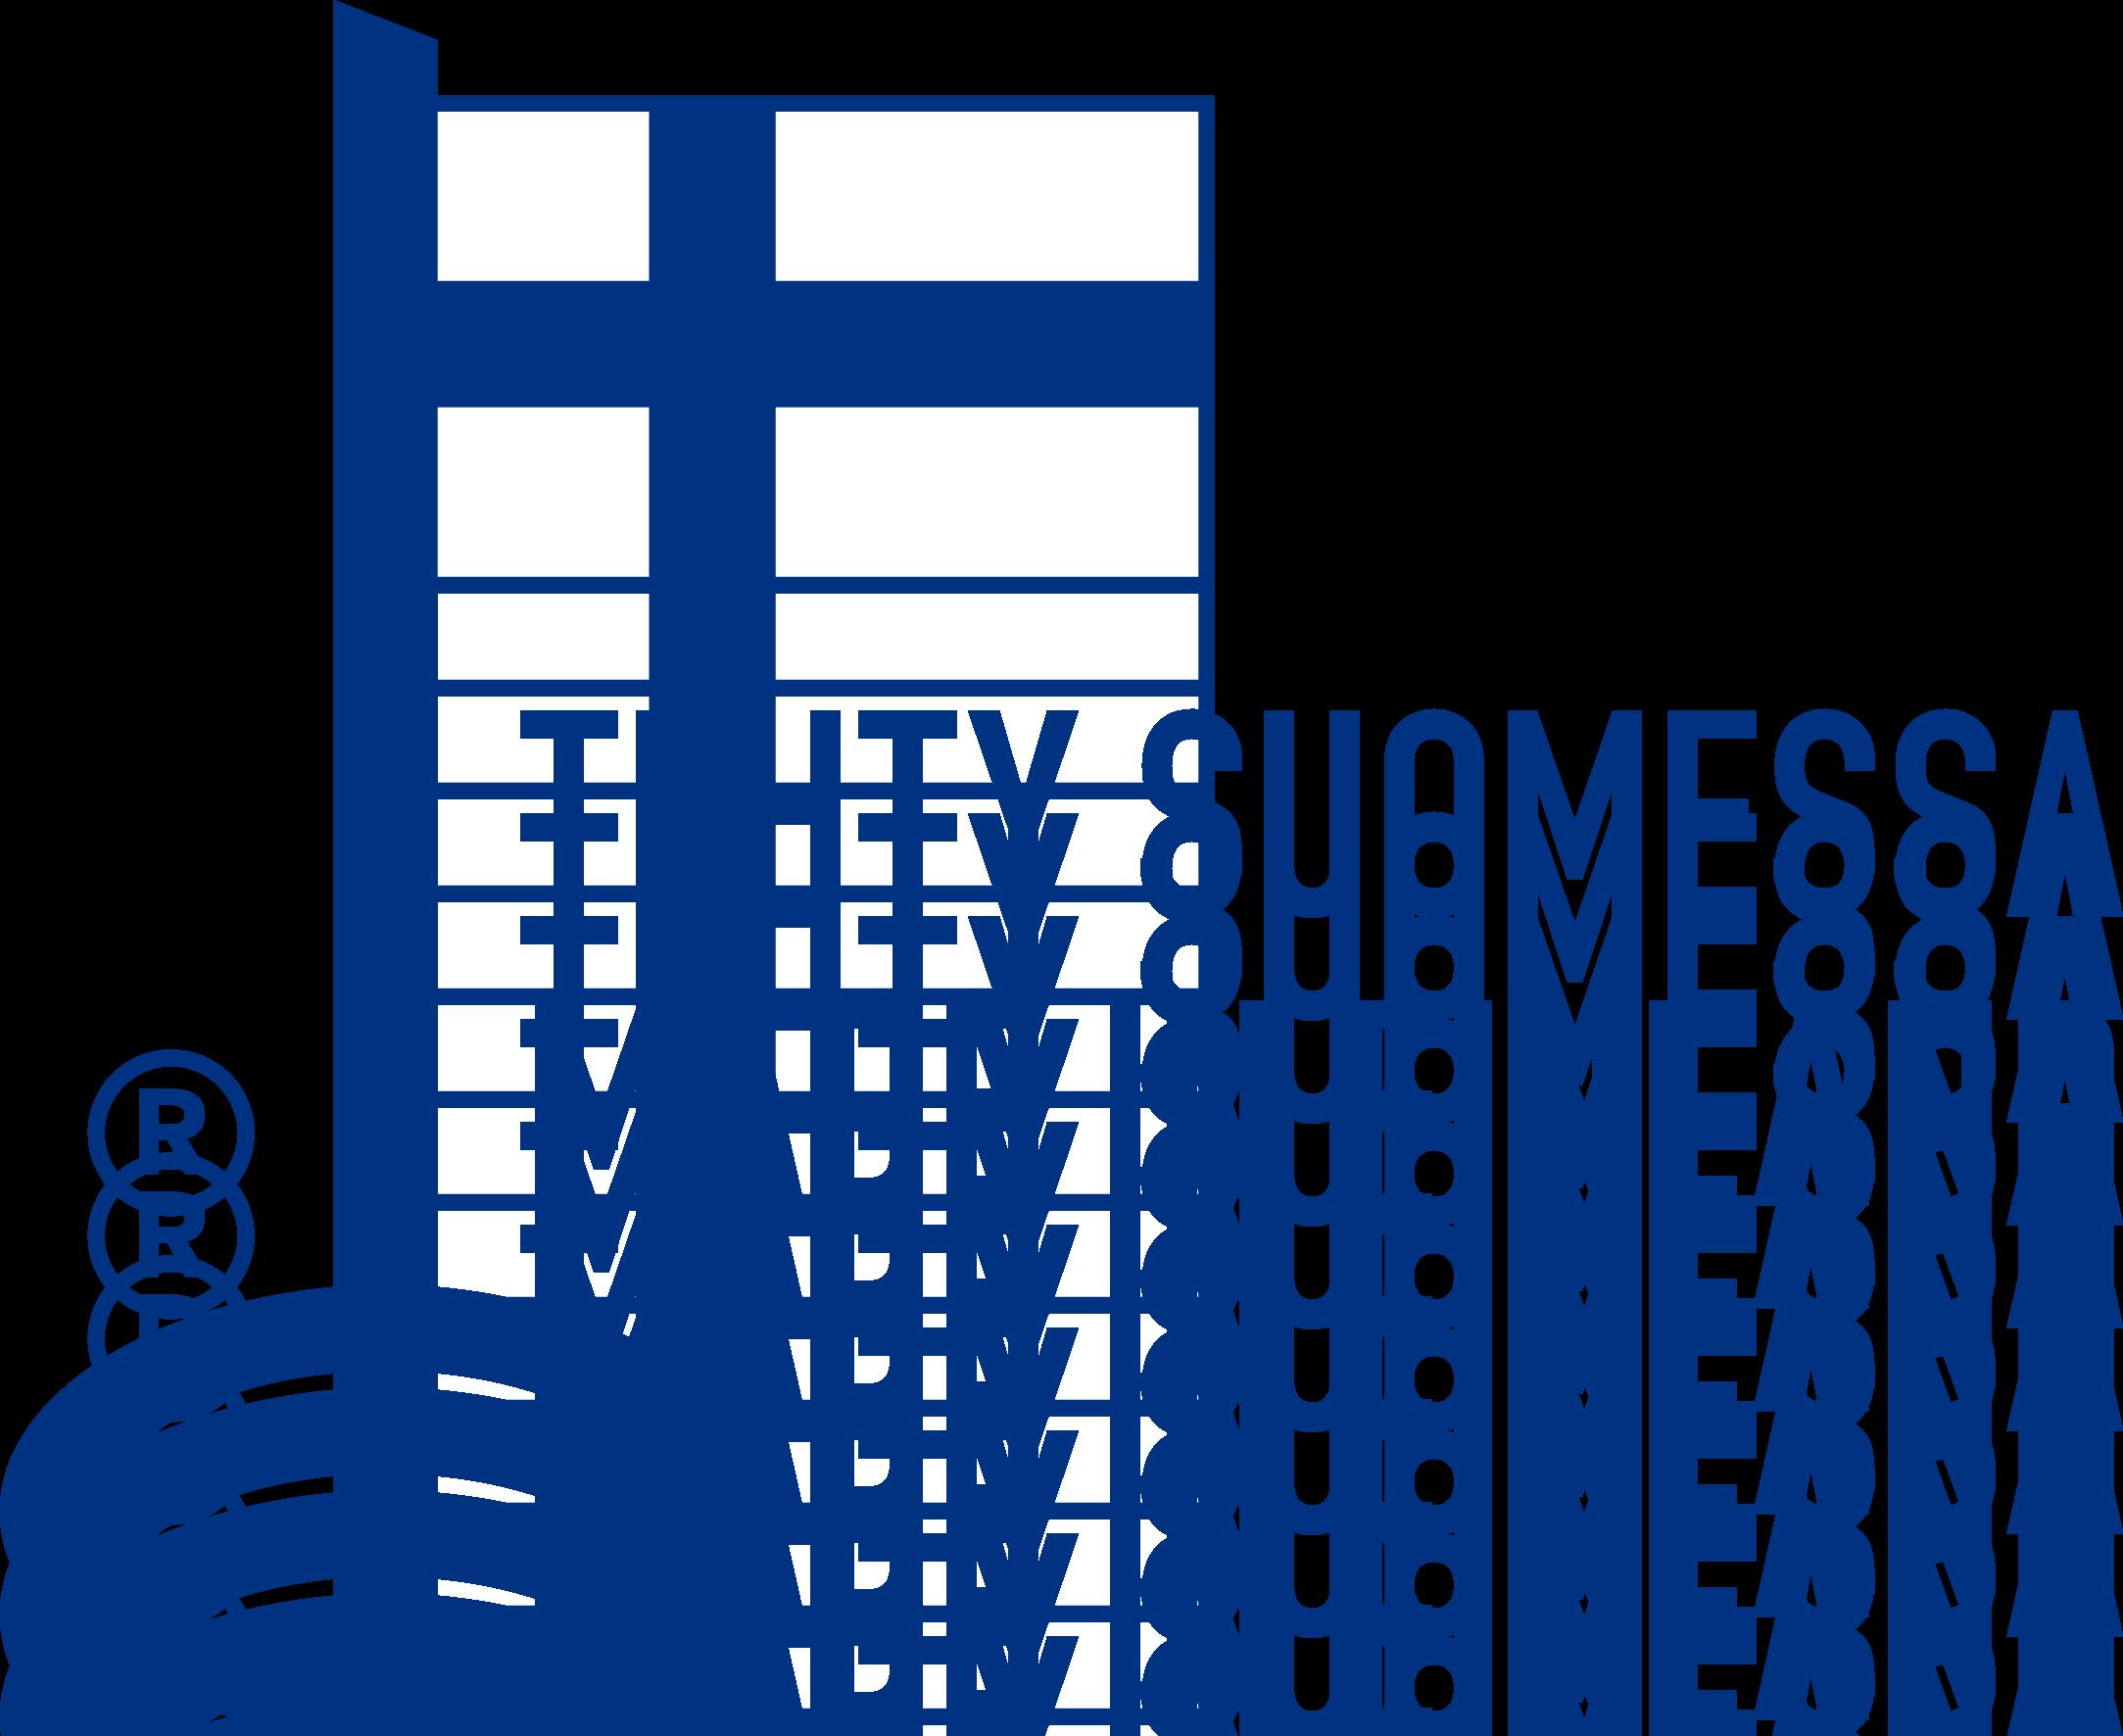 Tehty suomessa sertifikaatti